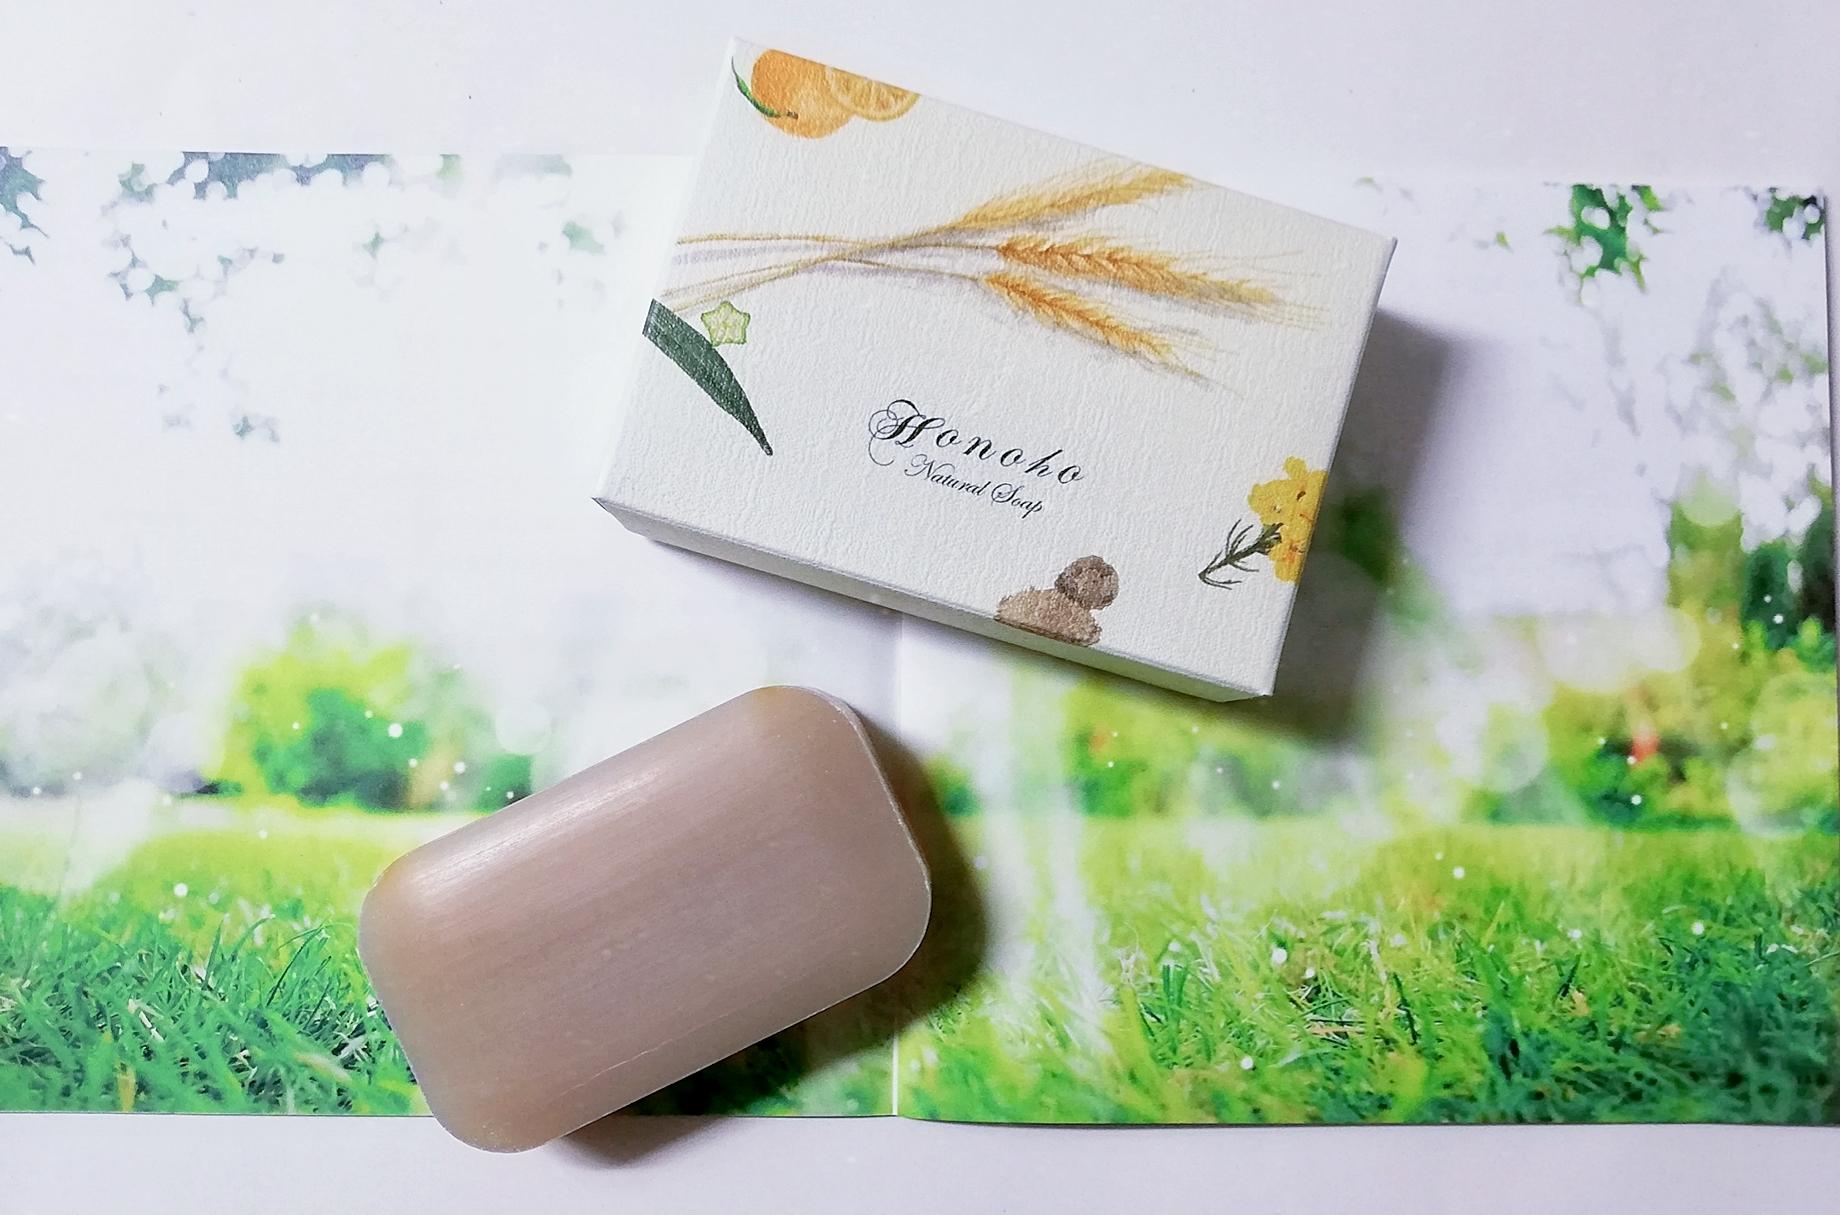 敏感肌もやさしくリセット!!植物プラセンタ配合ナチュラルソープ【Honoho】はとことん肌に優しい石鹸です